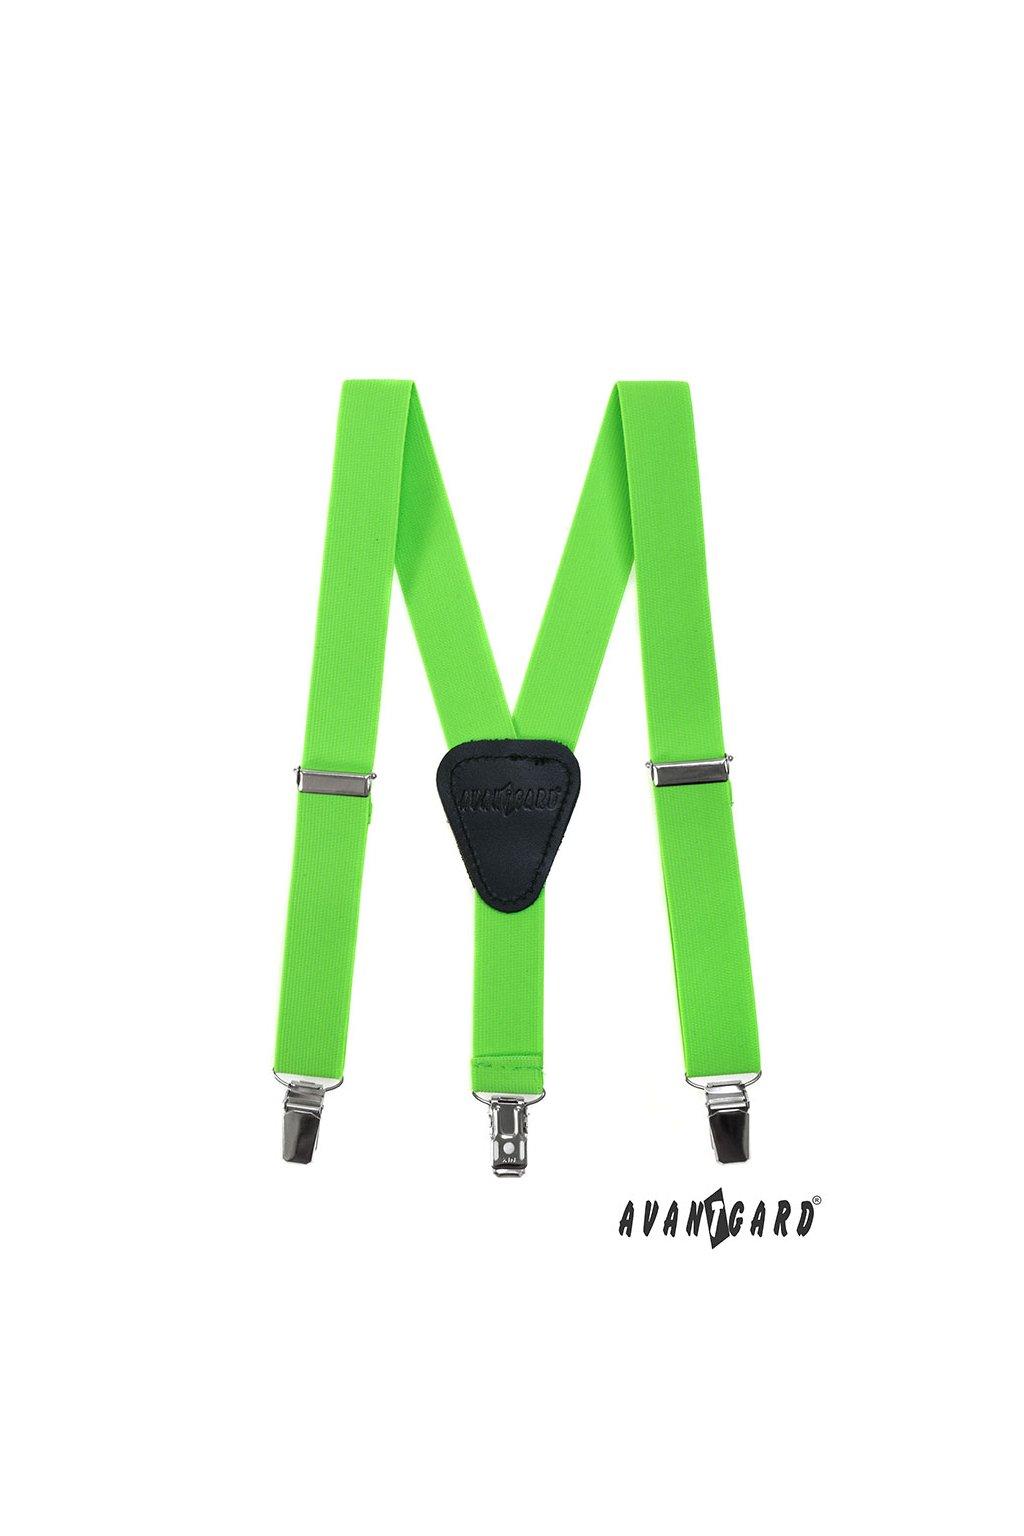 Chlapecké šle Y s koženým středem a zapínáním na klipy - 25 mm zelená neon, černá kůže 862 - 902623